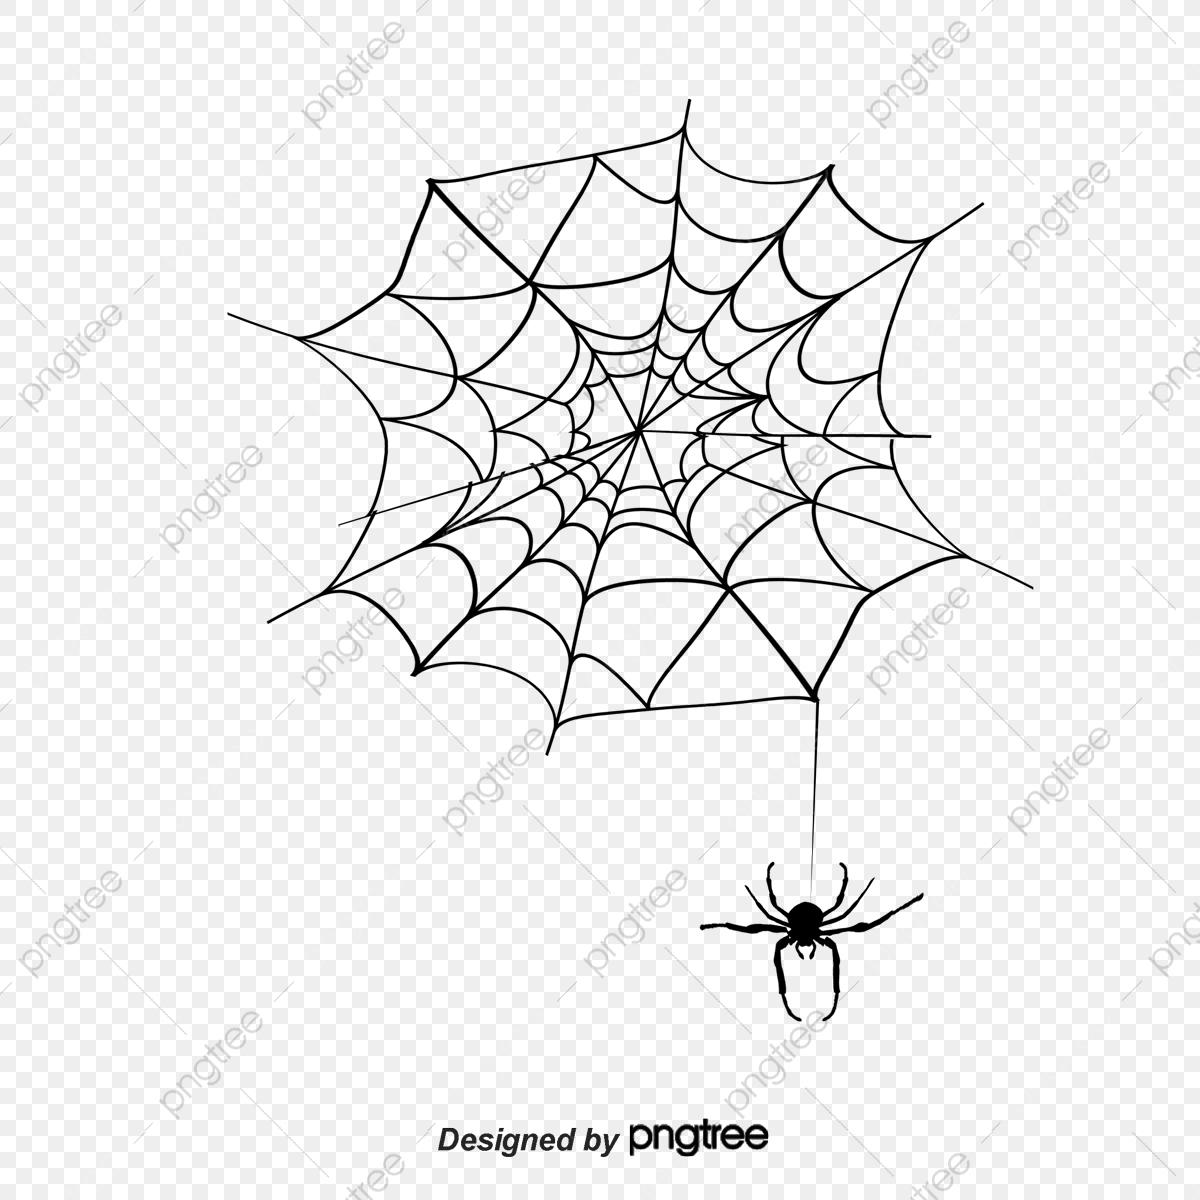 Dessin De Matériau De Toile D'araignée De Silhouette De L avec Toile D Araignée Dessin